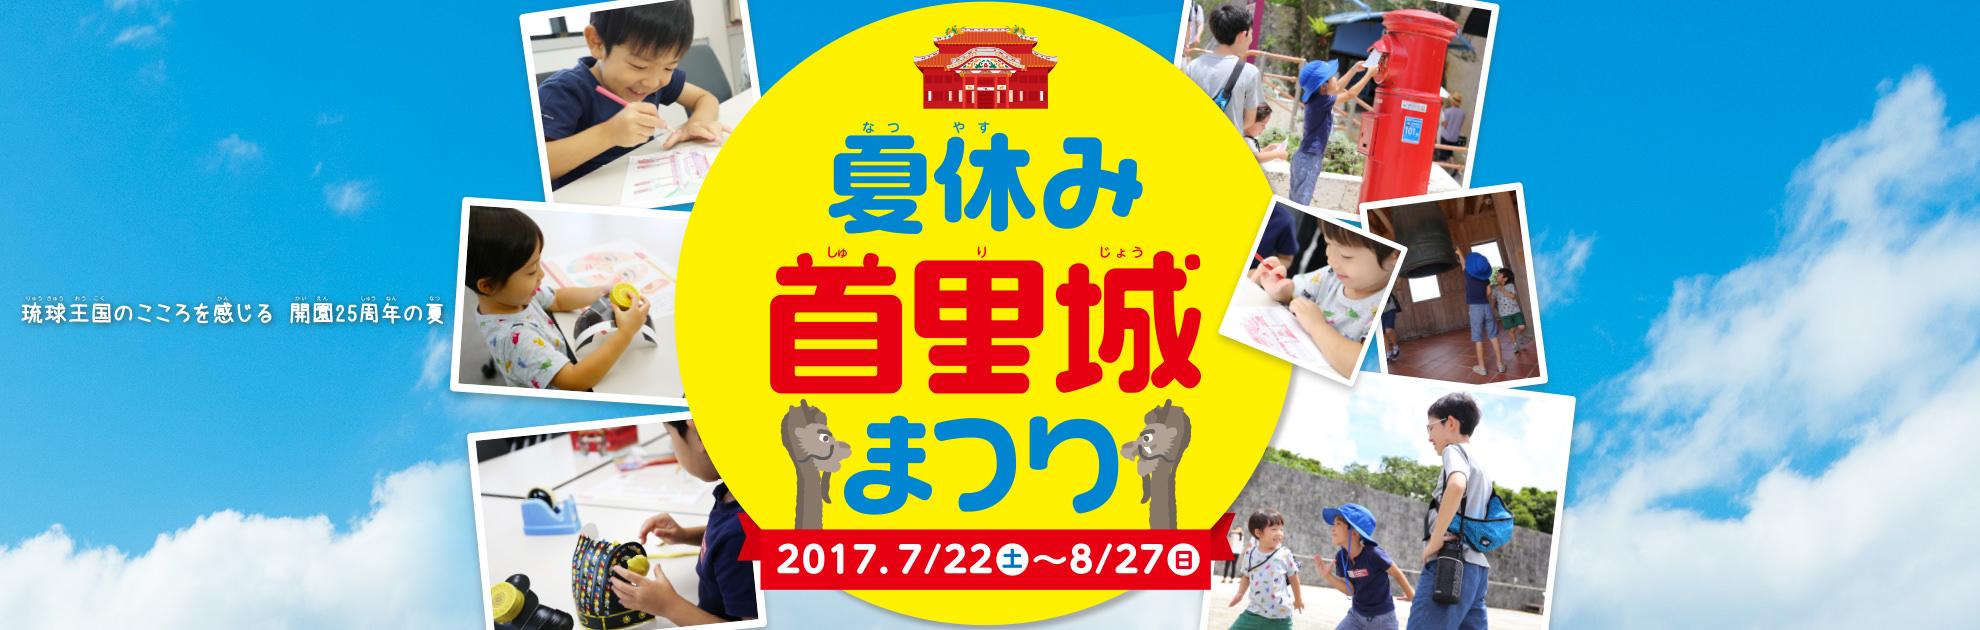 首里城公园开园25周年纪念暑假首里城节召开!